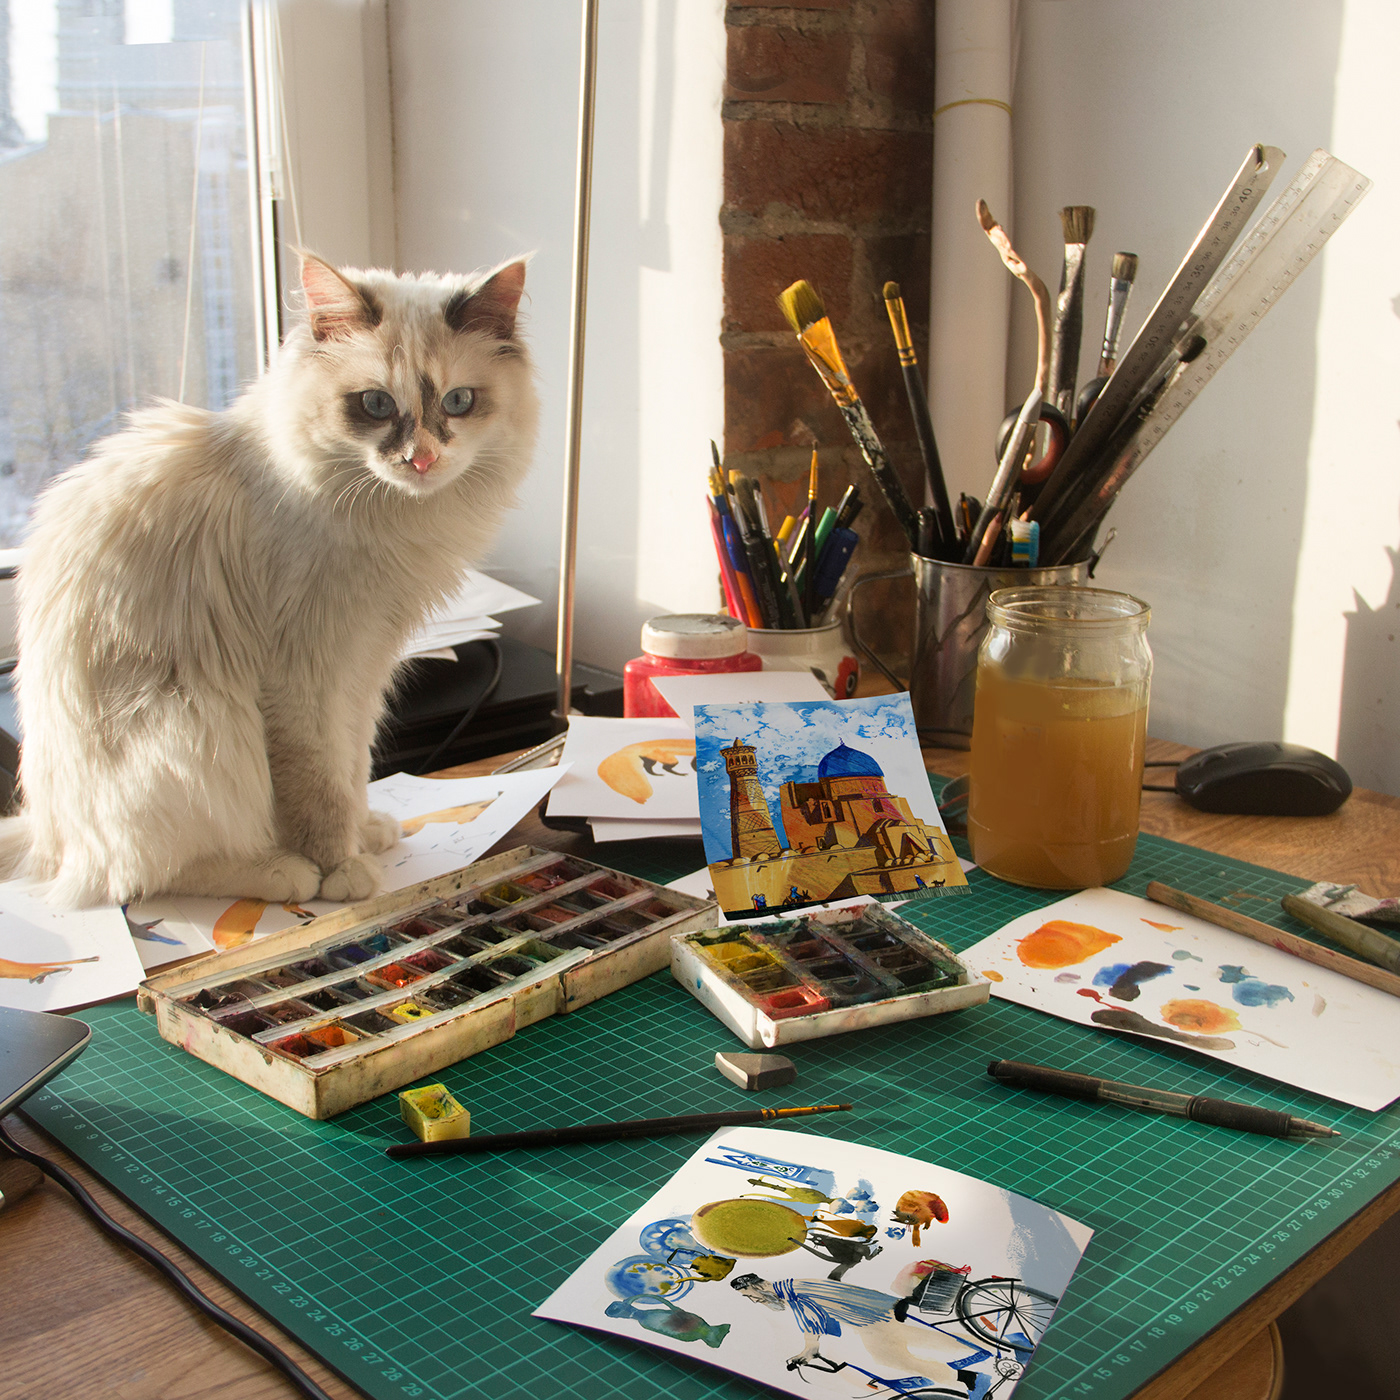 Изображение может содержать: кот, стол и сидящий